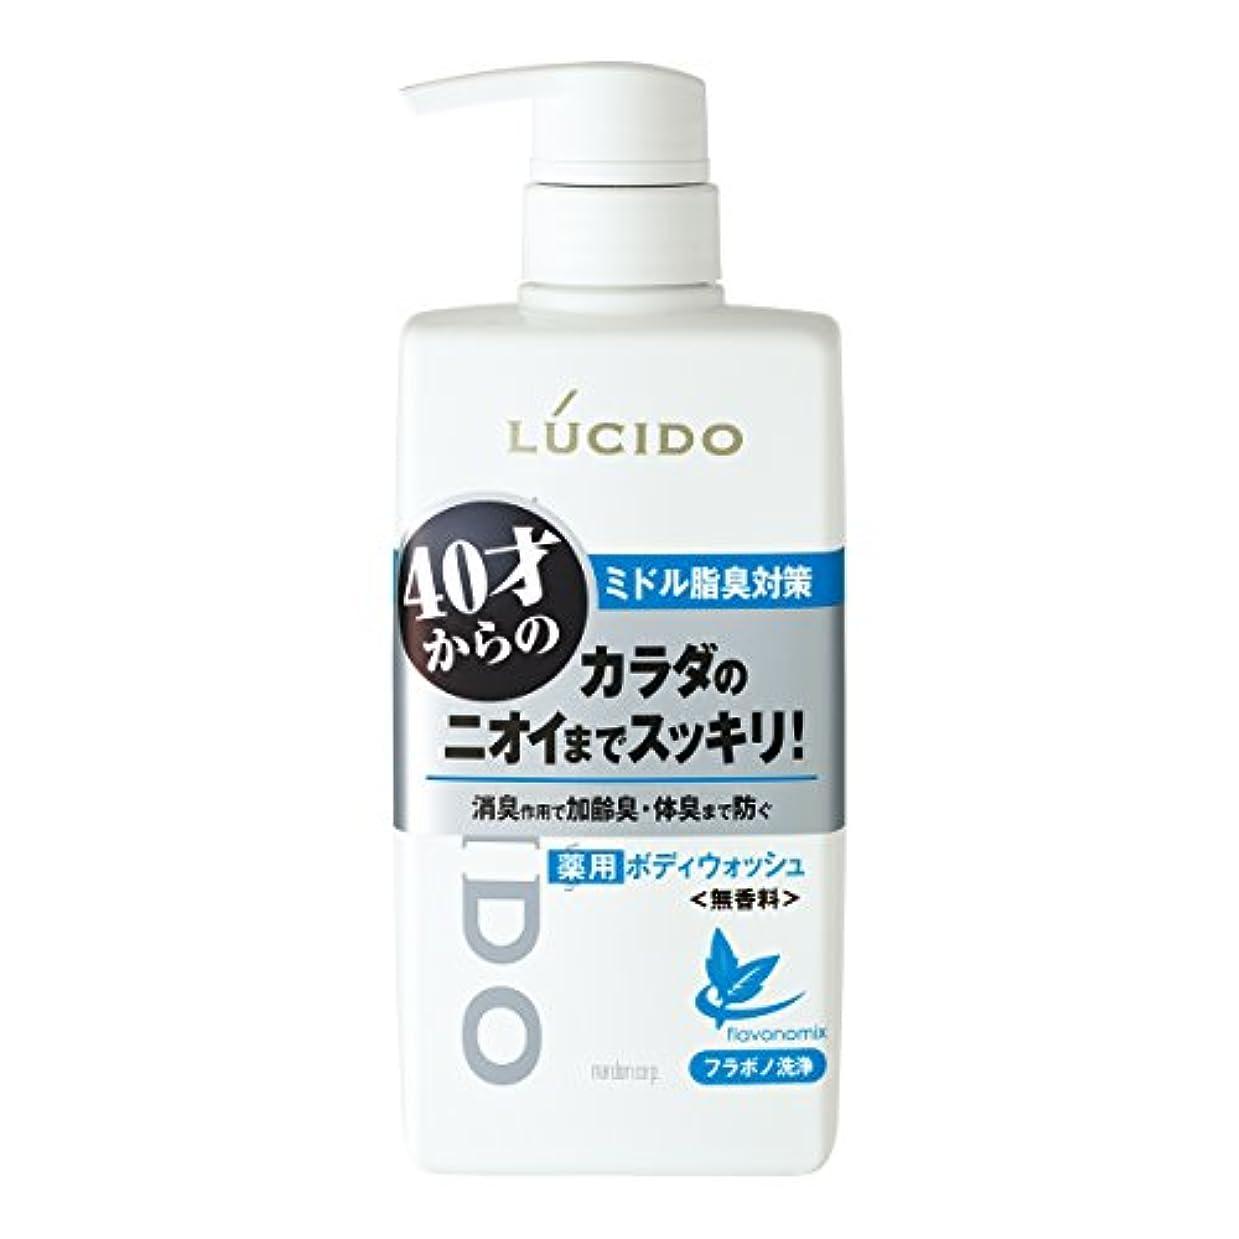 ヤングぺディカブ参照ルシード 薬用デオドラントボディウォッシュ 450mL (医薬部外品)